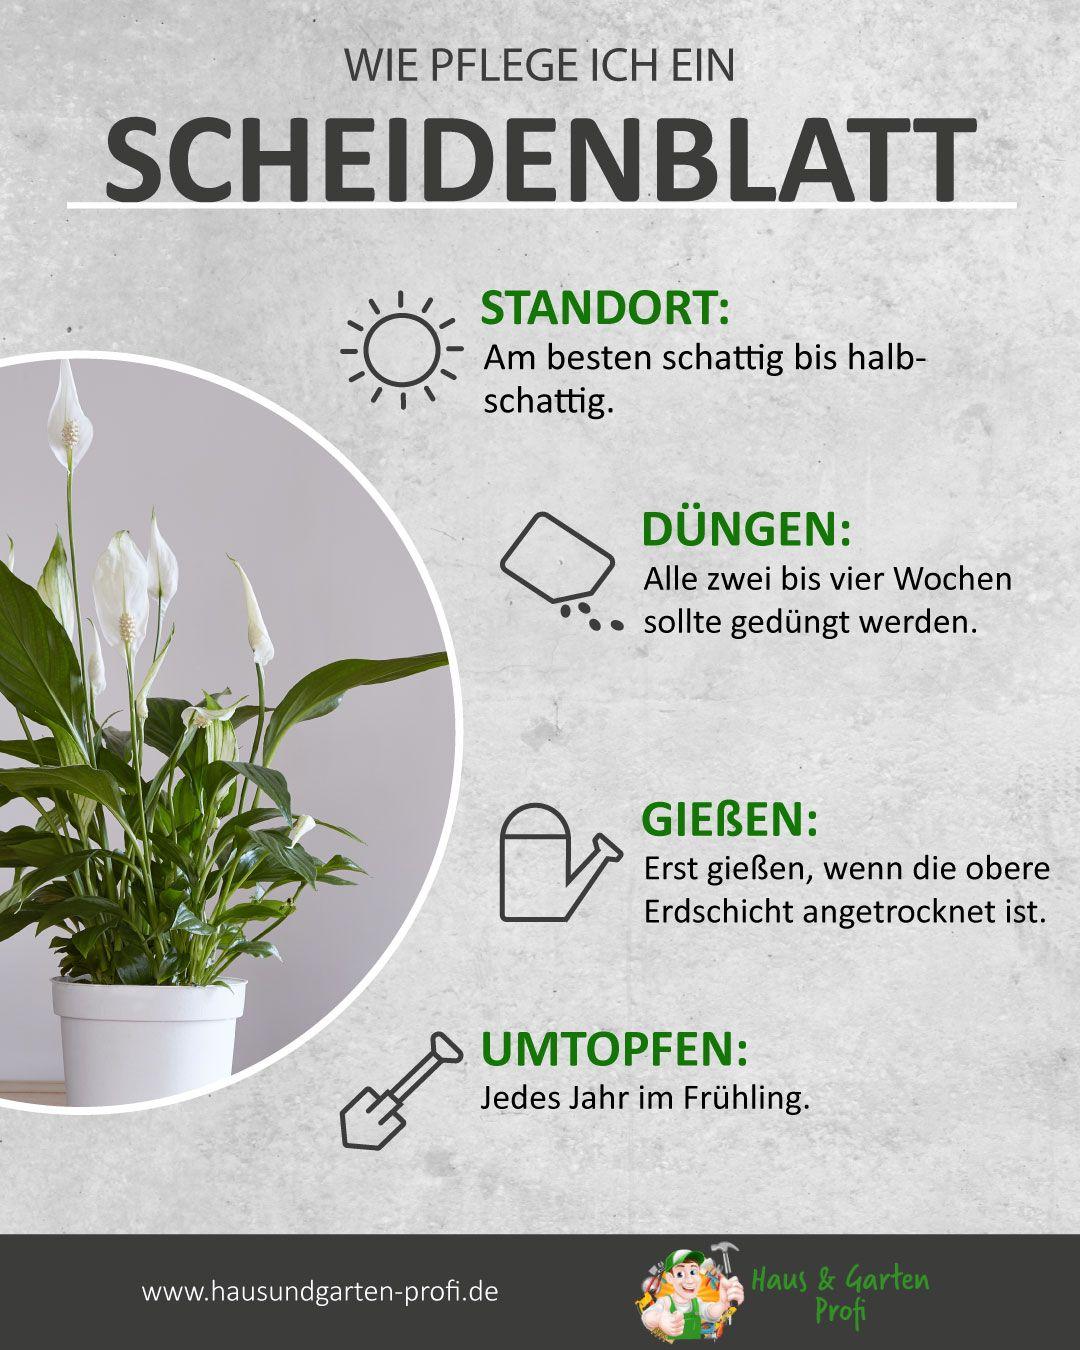 Richtige Pflege für ein Scheidenblatt so einfach kann es gehen (Standort, Düngen, Gießen, Umtopfen)